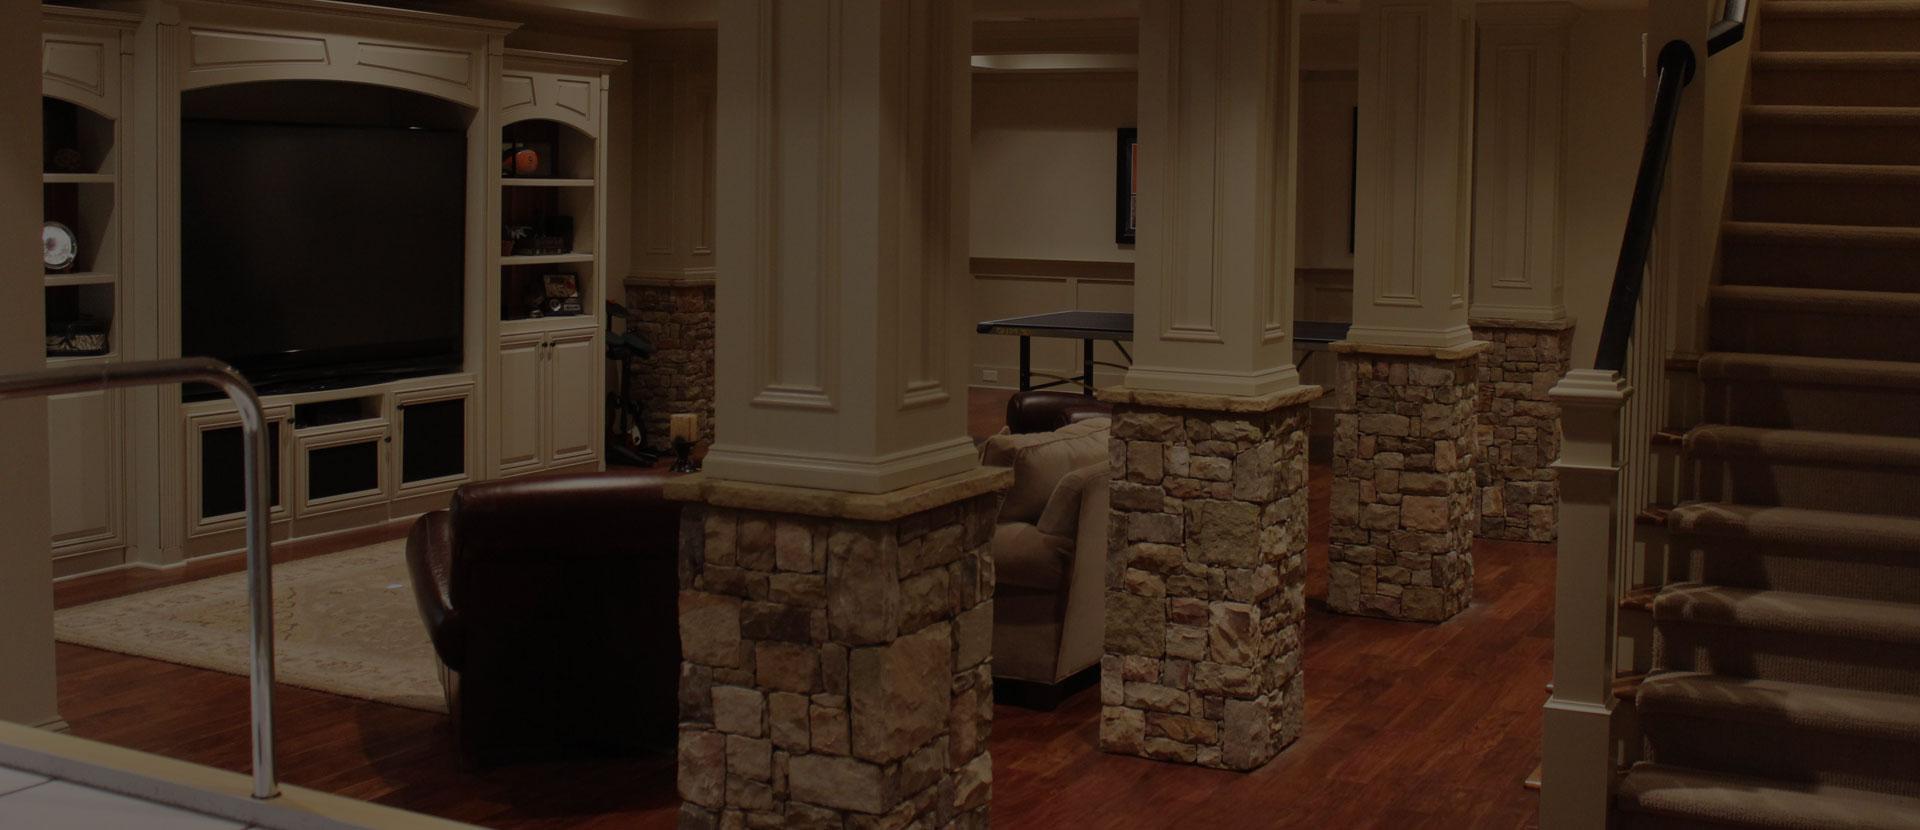 Disbrows Remodeling Custom Design Decks, Basements, Closets, Bathrooms & More Stevensville Maryland